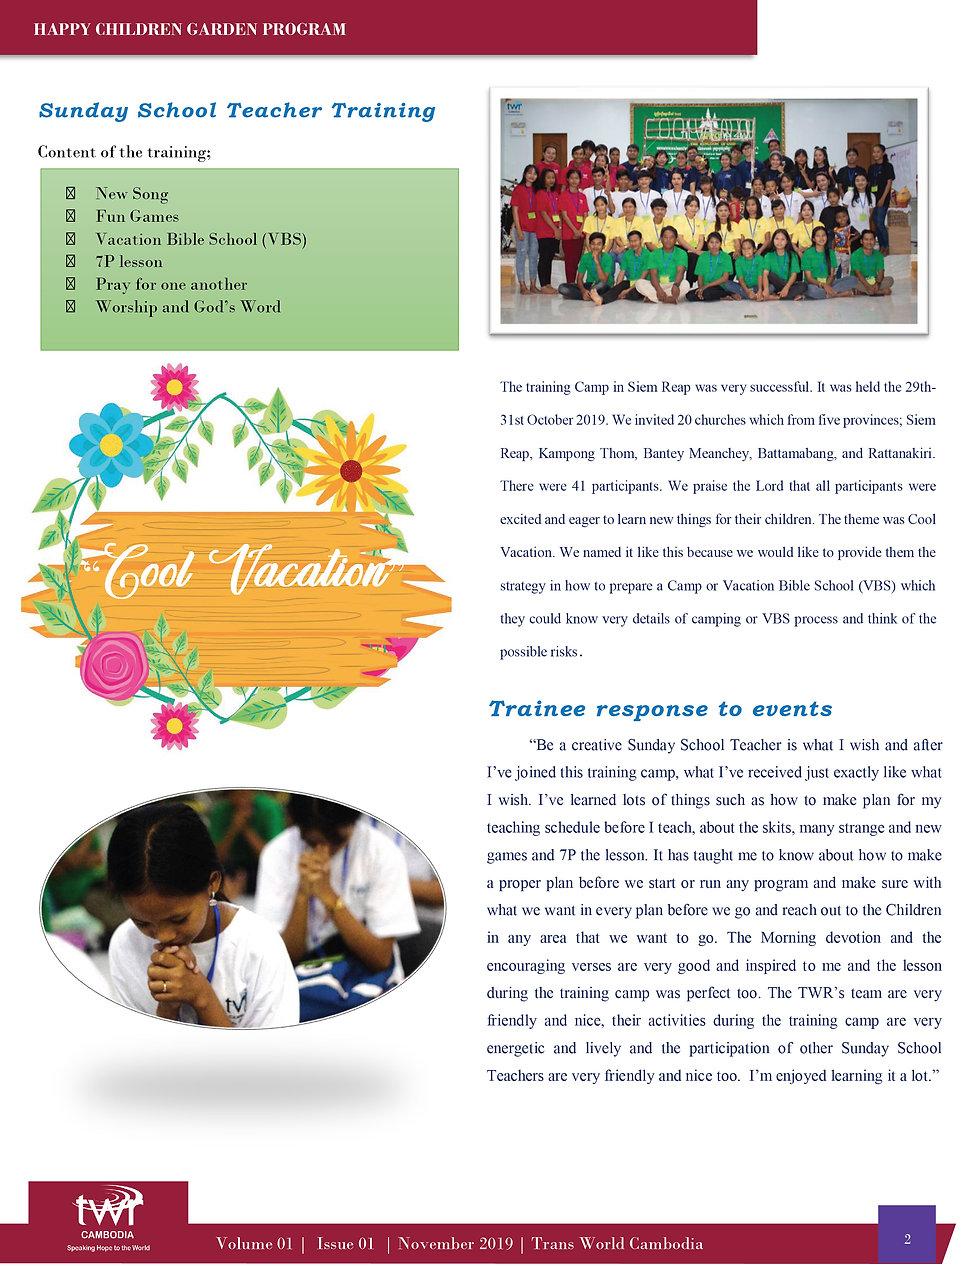 Happy Children Garden Newsletter for Nov